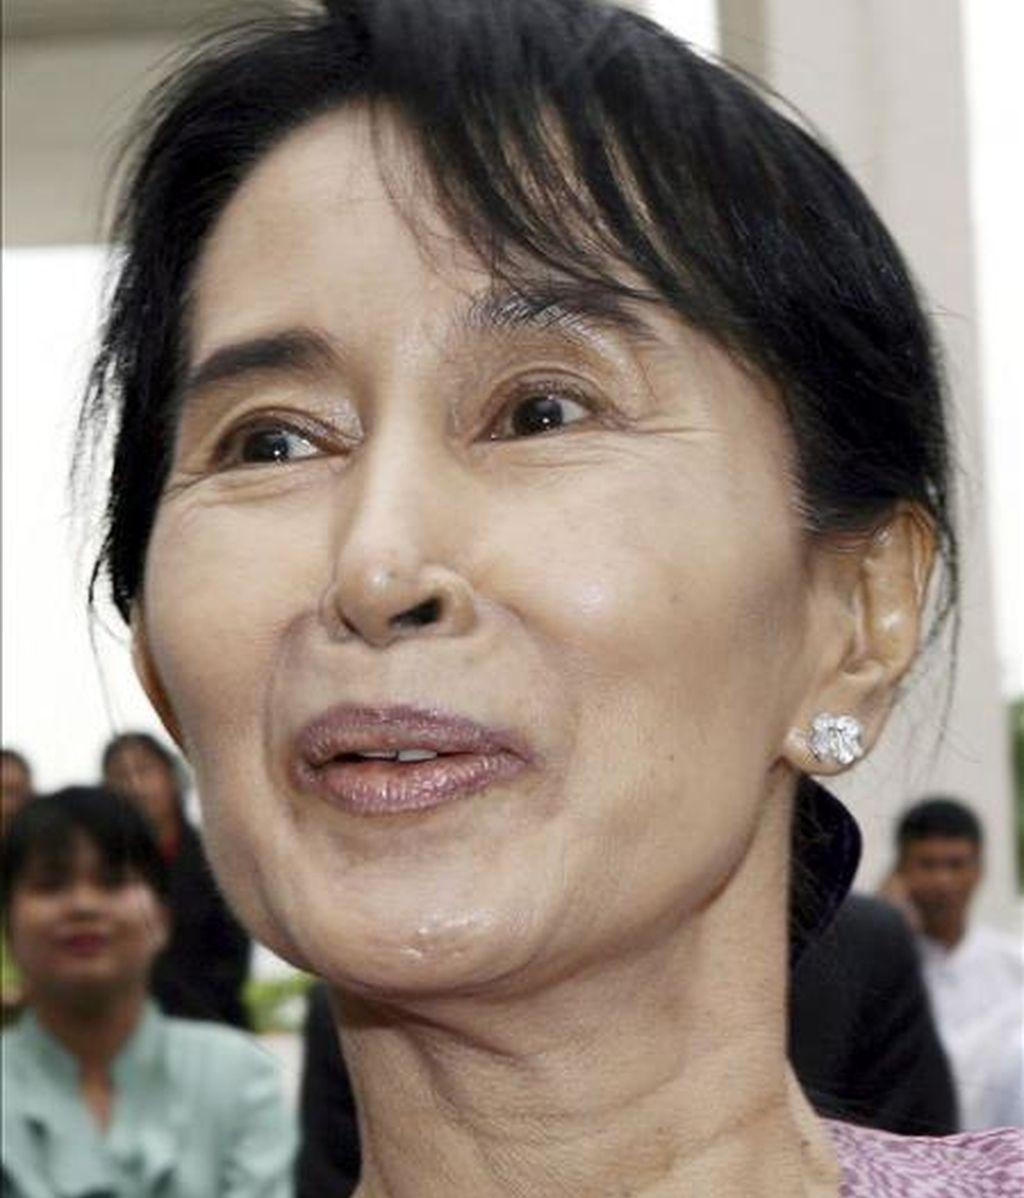 Entre las personas privadas de libertad se encuentra la líder de la oposición y nobel de la paz (1991), Aung San Suu Kyi, que ha vivido ya en cautividad 15 de los últimos 21 años. EFE/Archivo